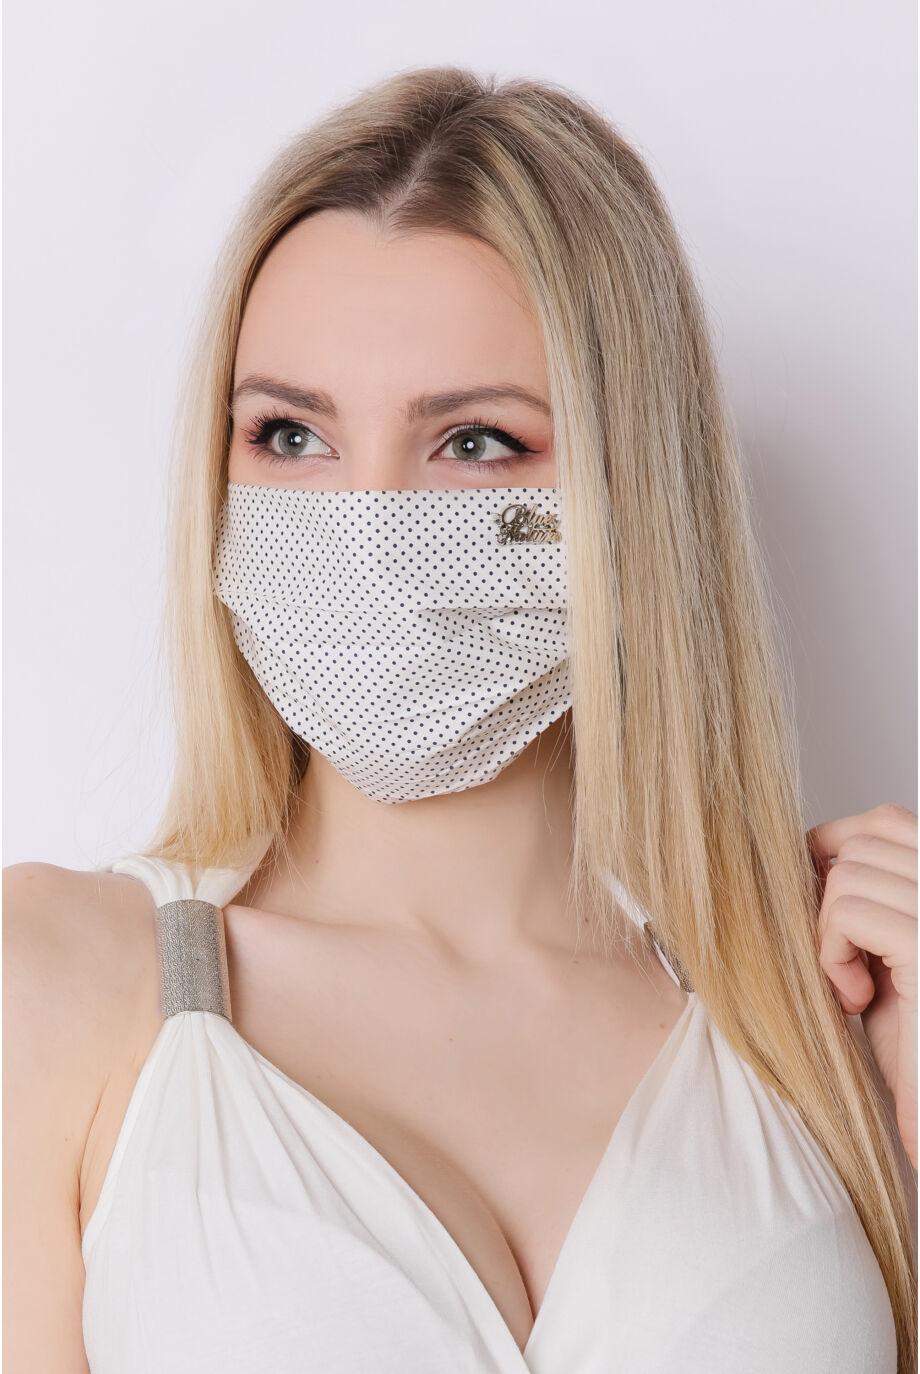 textil_egyszinu_szajmaszk_arcmaszk_pottyos